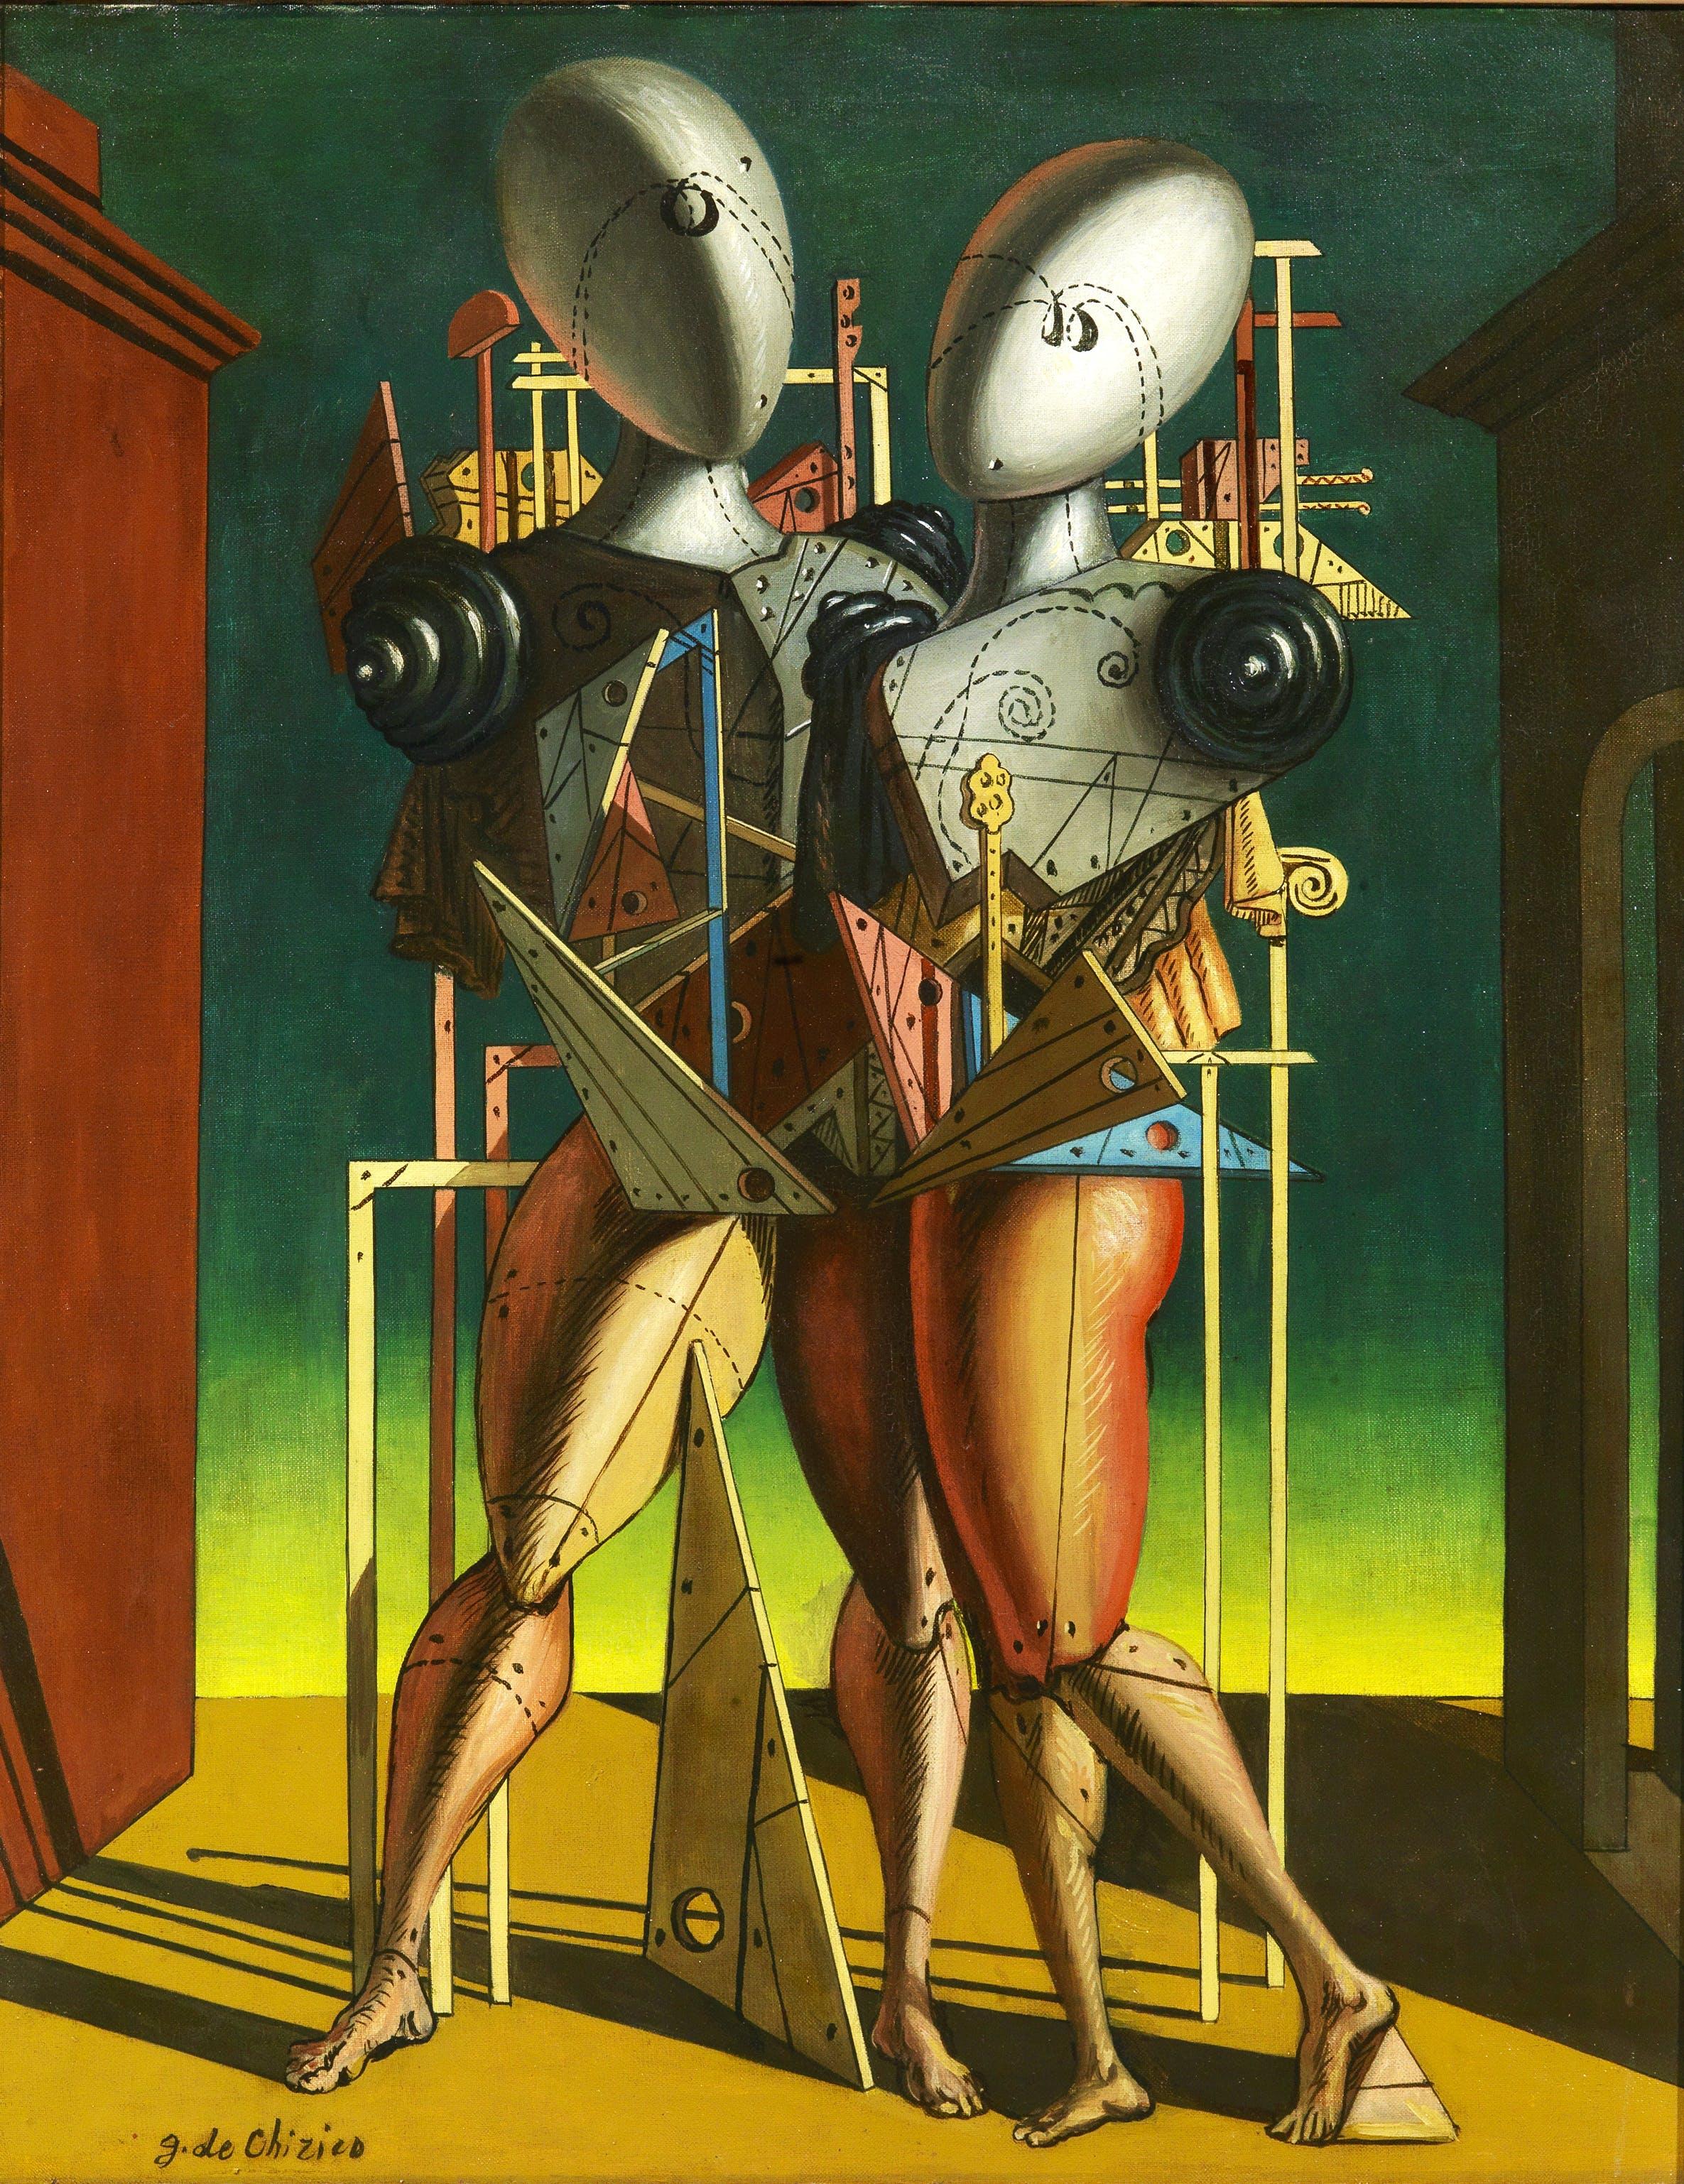 Ettore e Andromaca, (1963), Giorgio de Chirico, courtesy Tornabuoni Art